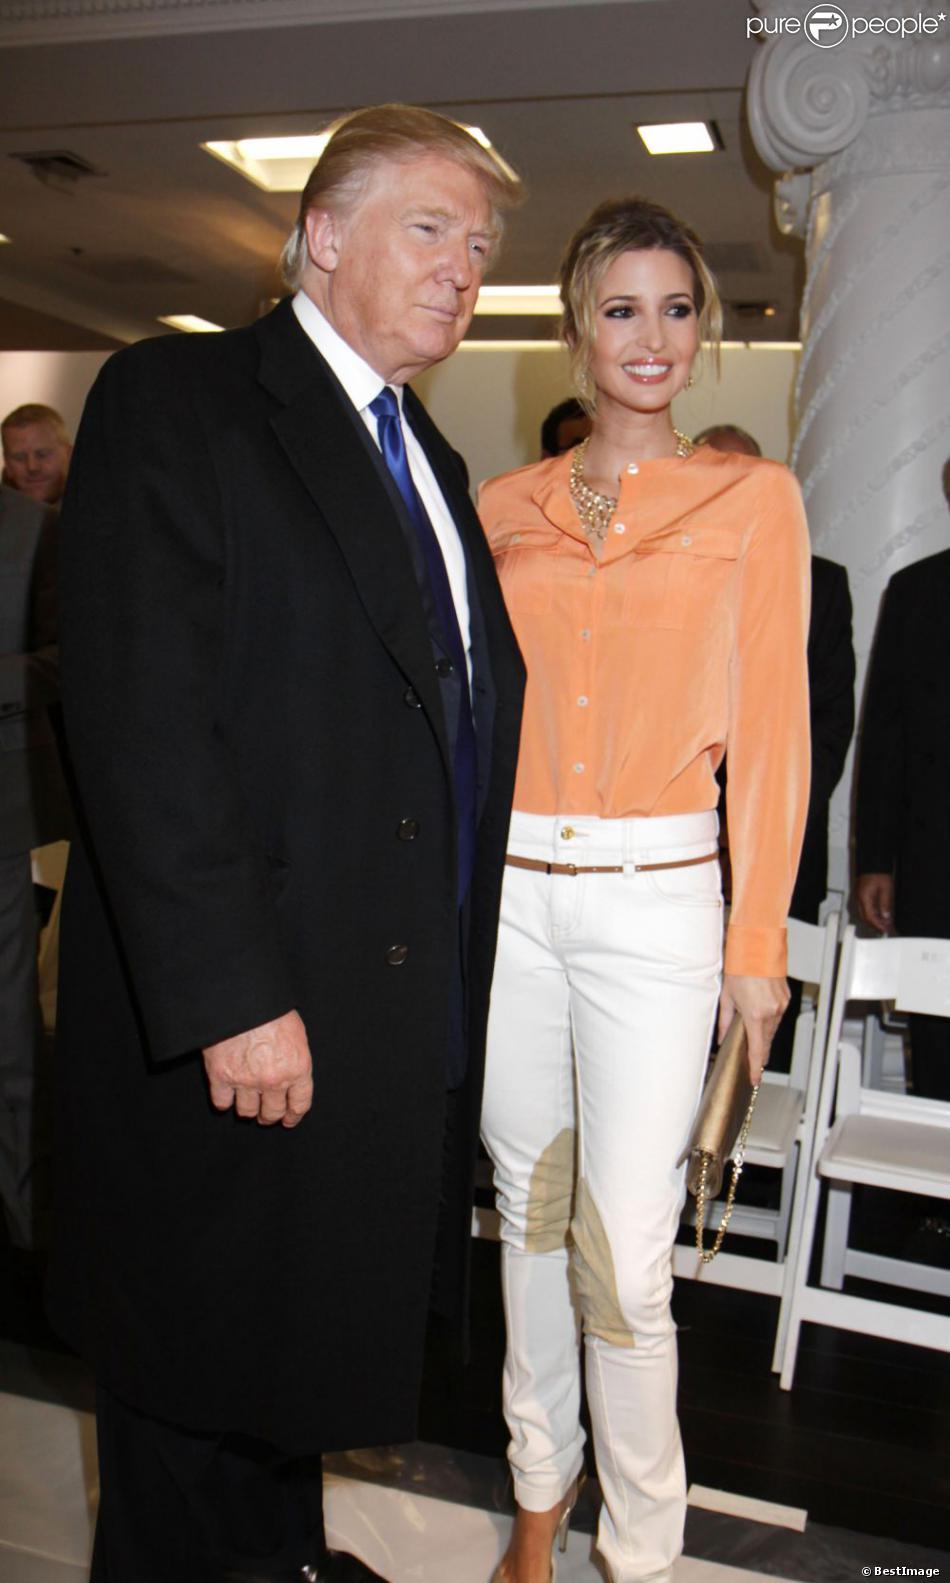 Le papa Donald Trump soutenait sa fille Ivanka pour son défilé à ...